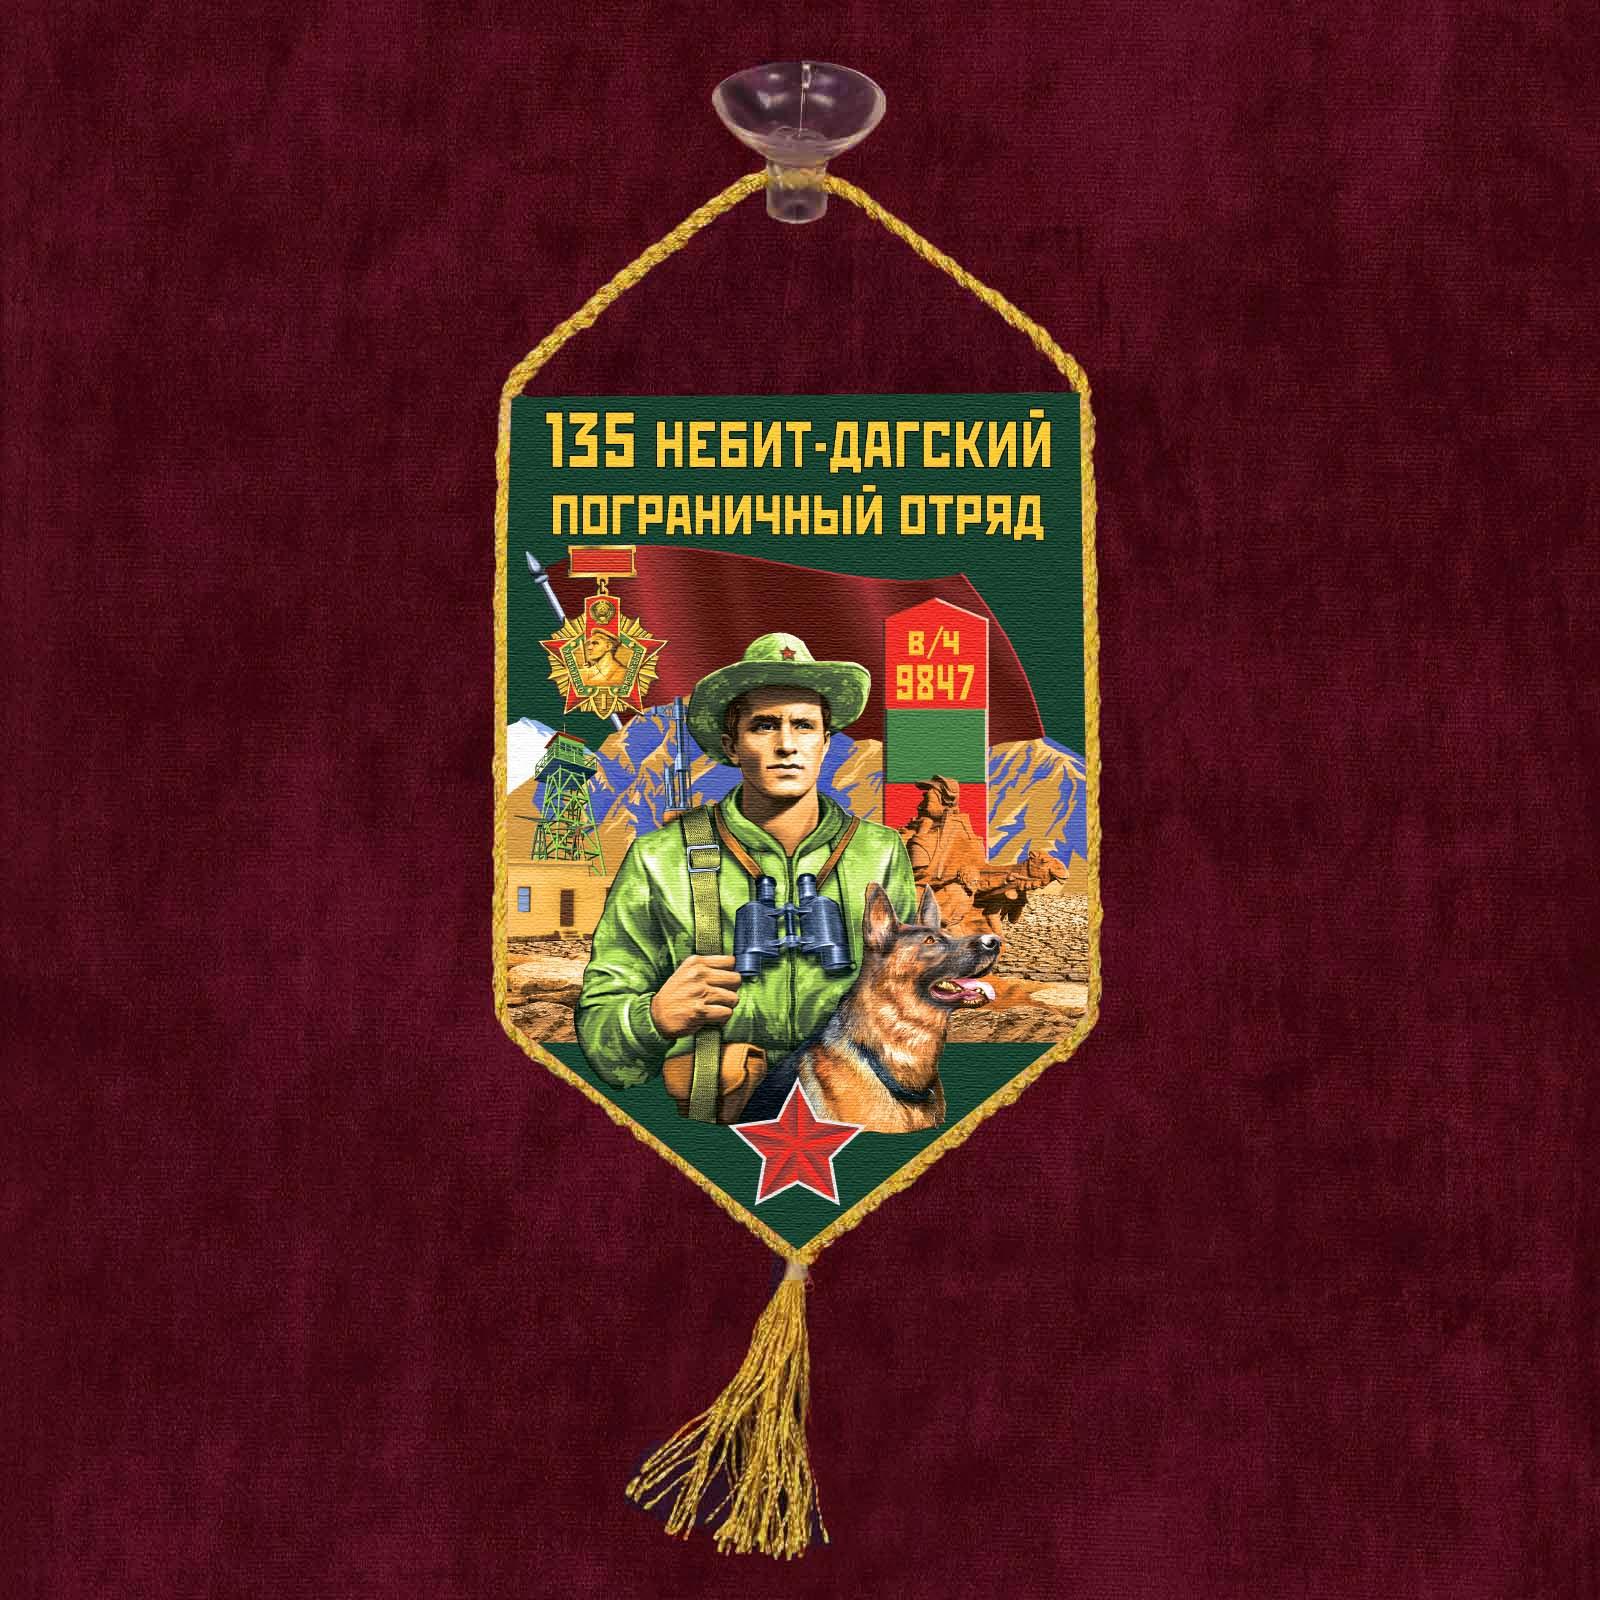 """Автомобильный вымпел """"135 Небит-Дагский пограничный отряд"""""""